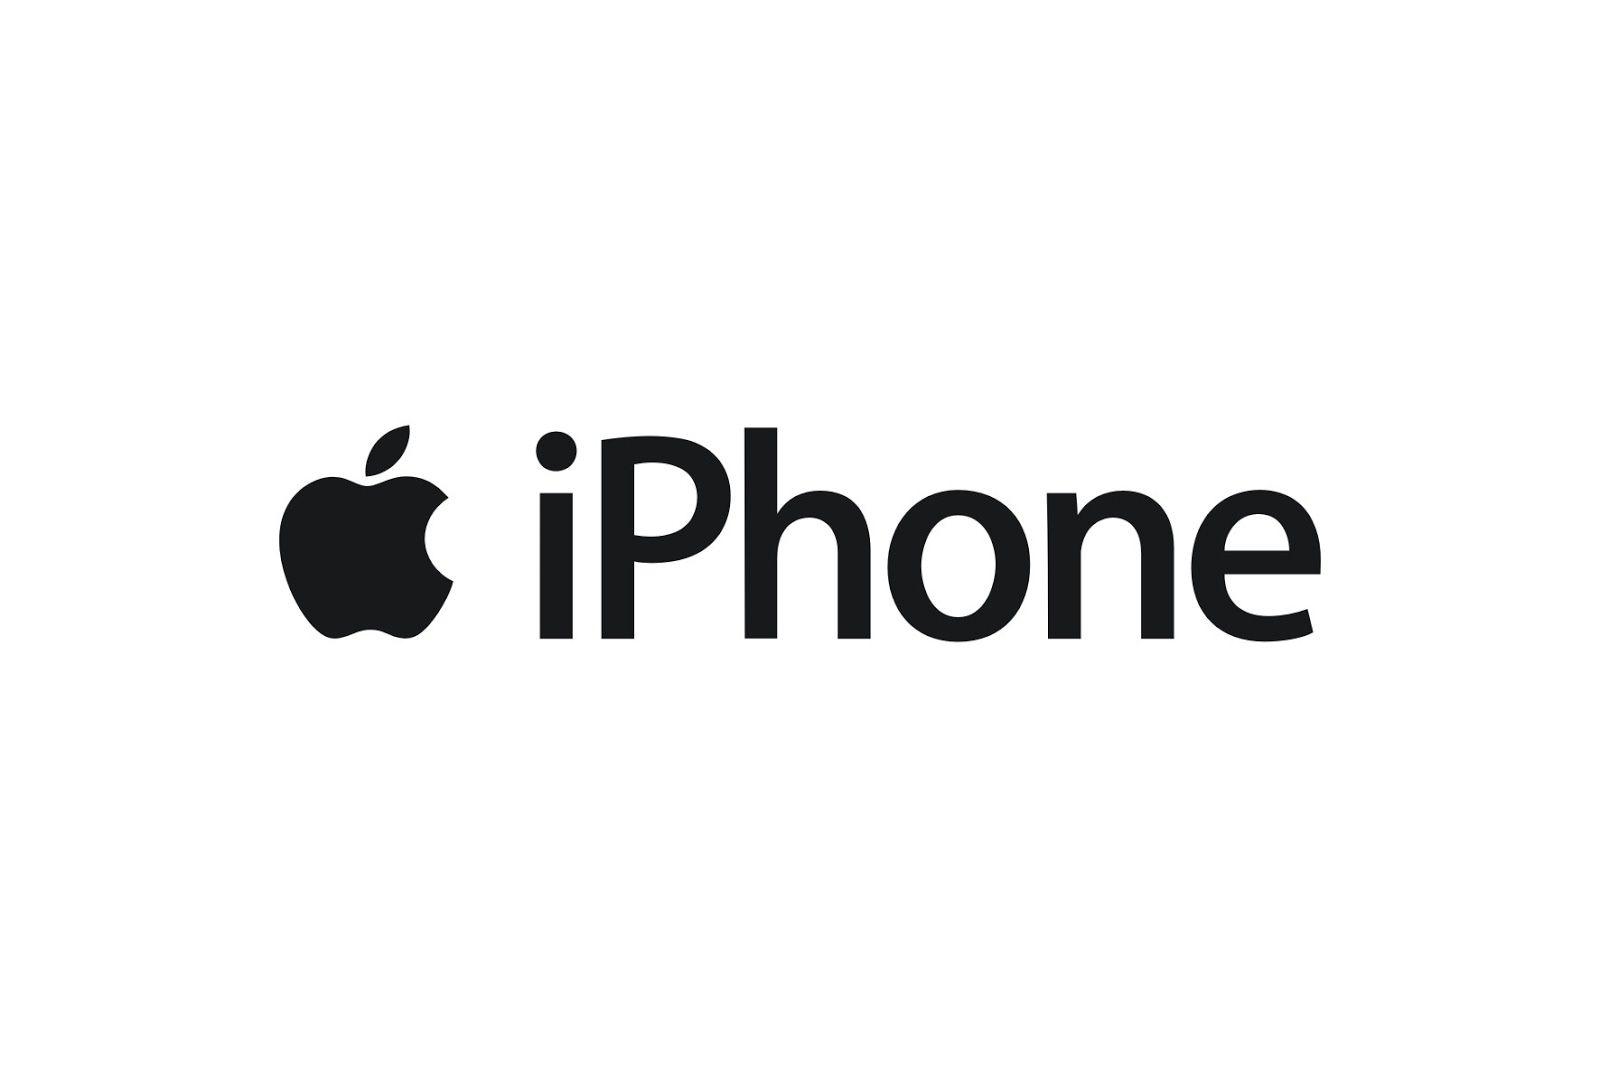 Apple iPhone // gesetzt aus einer modifizierten Version der Myriad Pro (jetzt auch als Myriad Apple eingetragen)